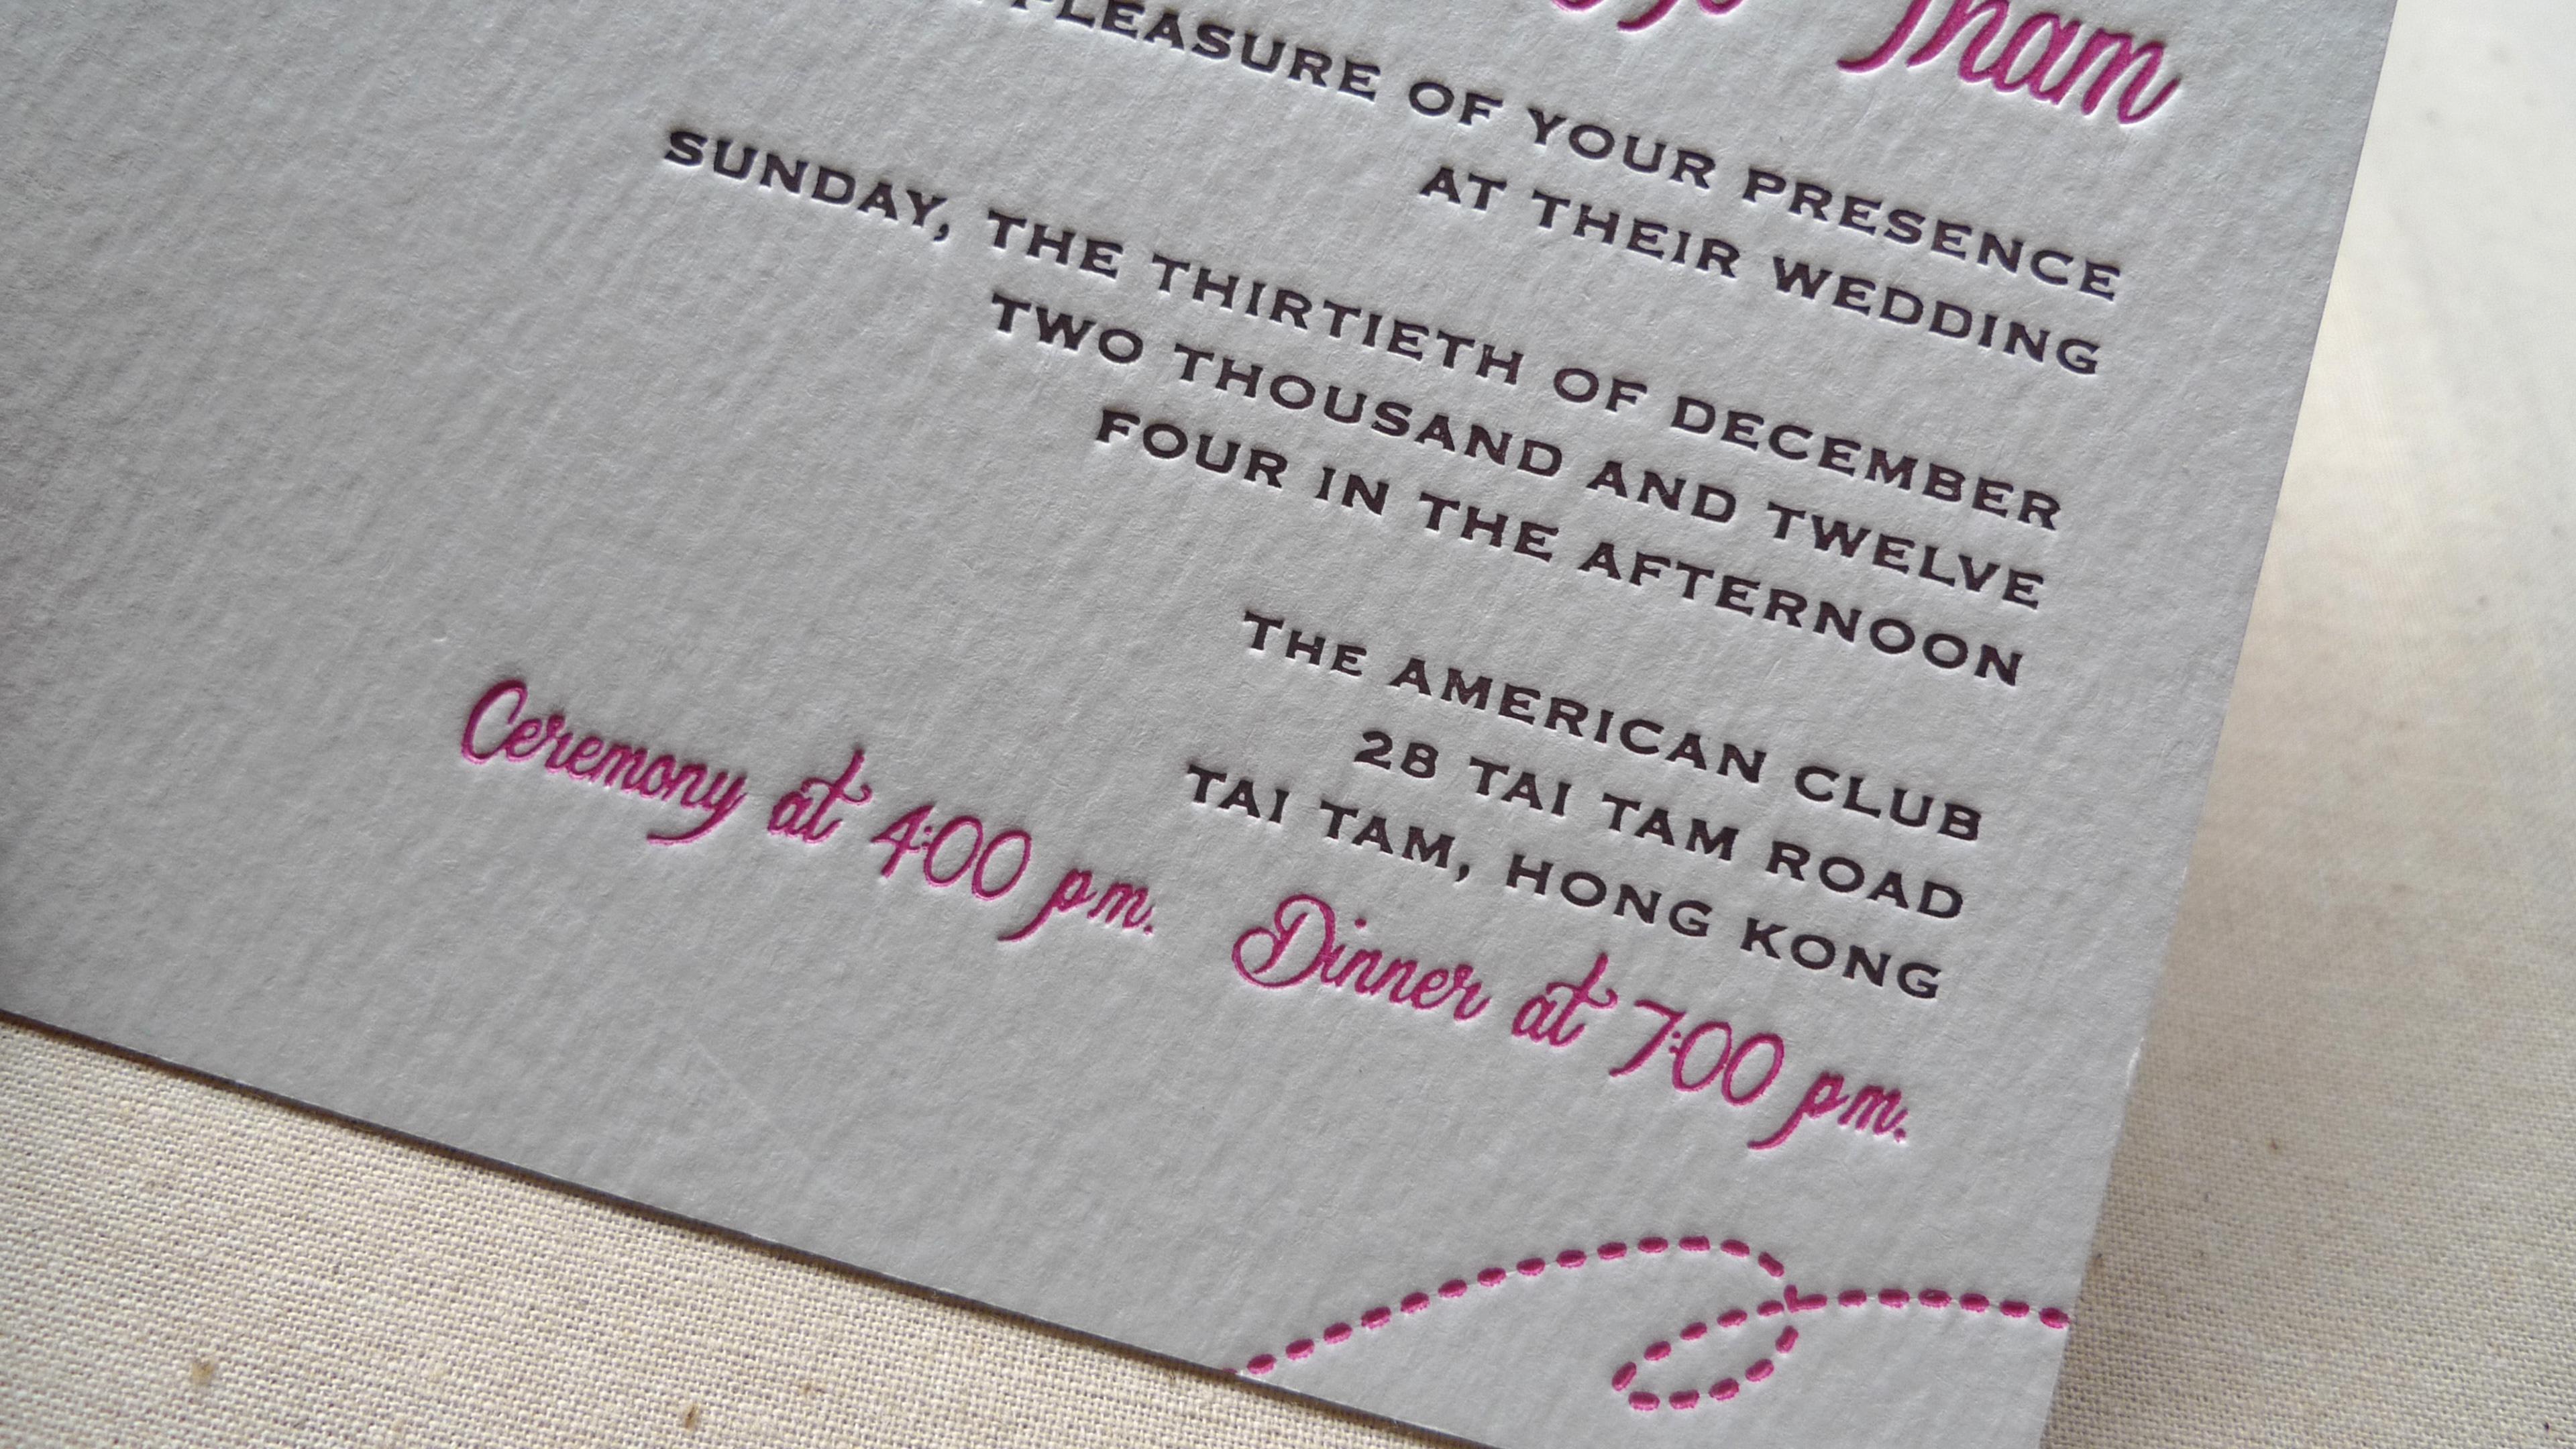 Awesome wedding invitation hong kong embellishment invitation card modern wedding invitations hong kong images invitations design stopboris Choice Image